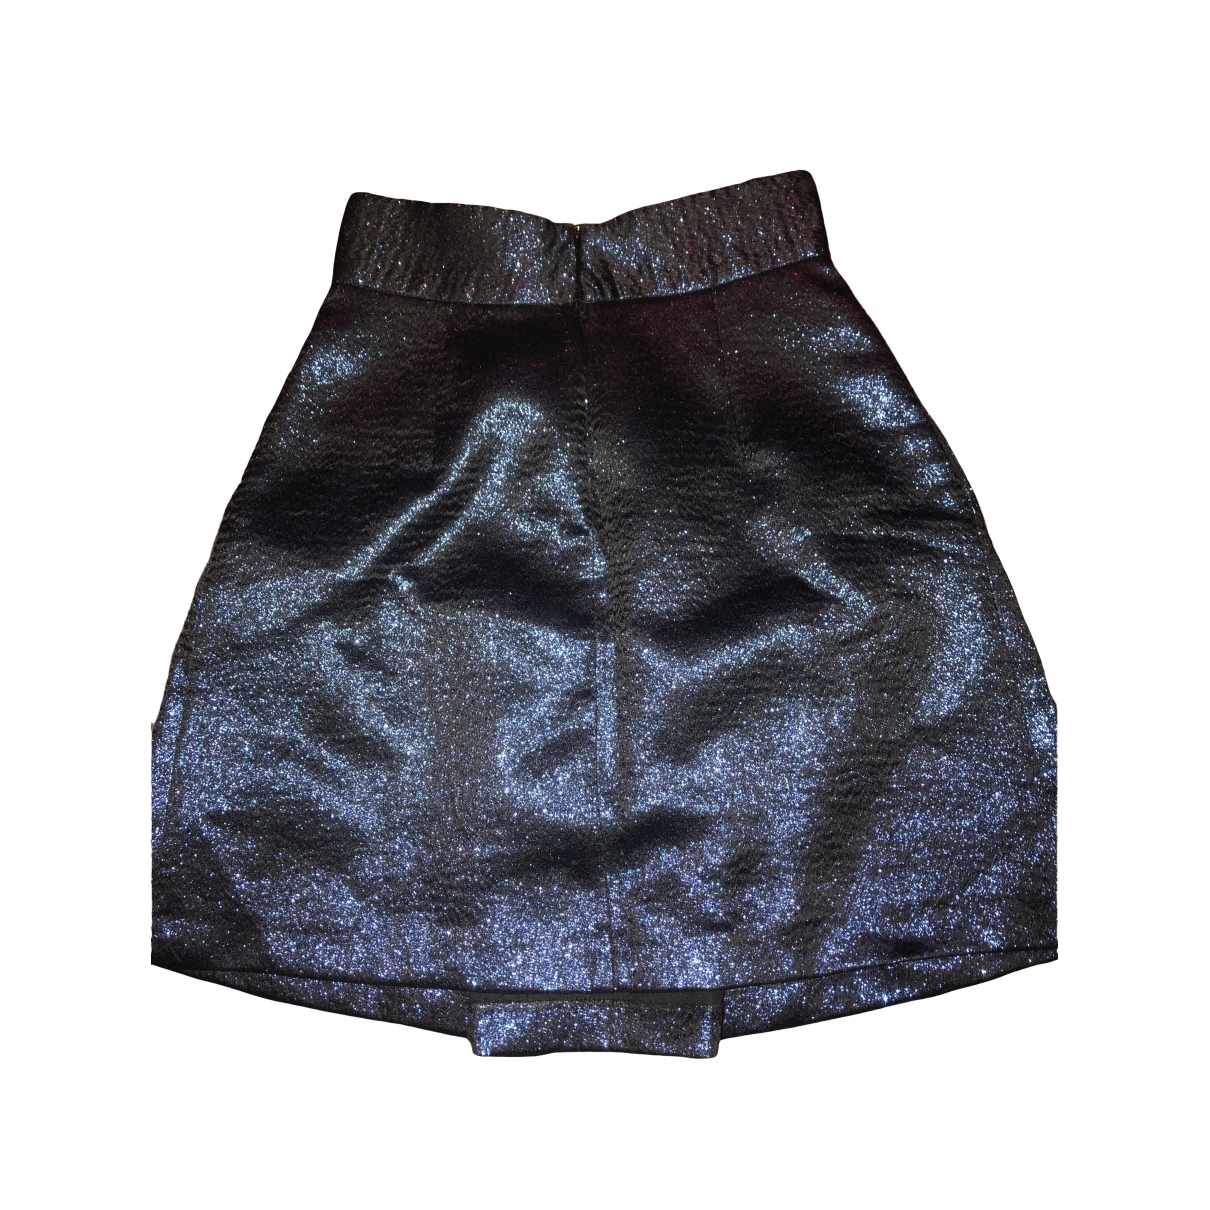 Zara \N Blue Glitter skirt for Women XS International